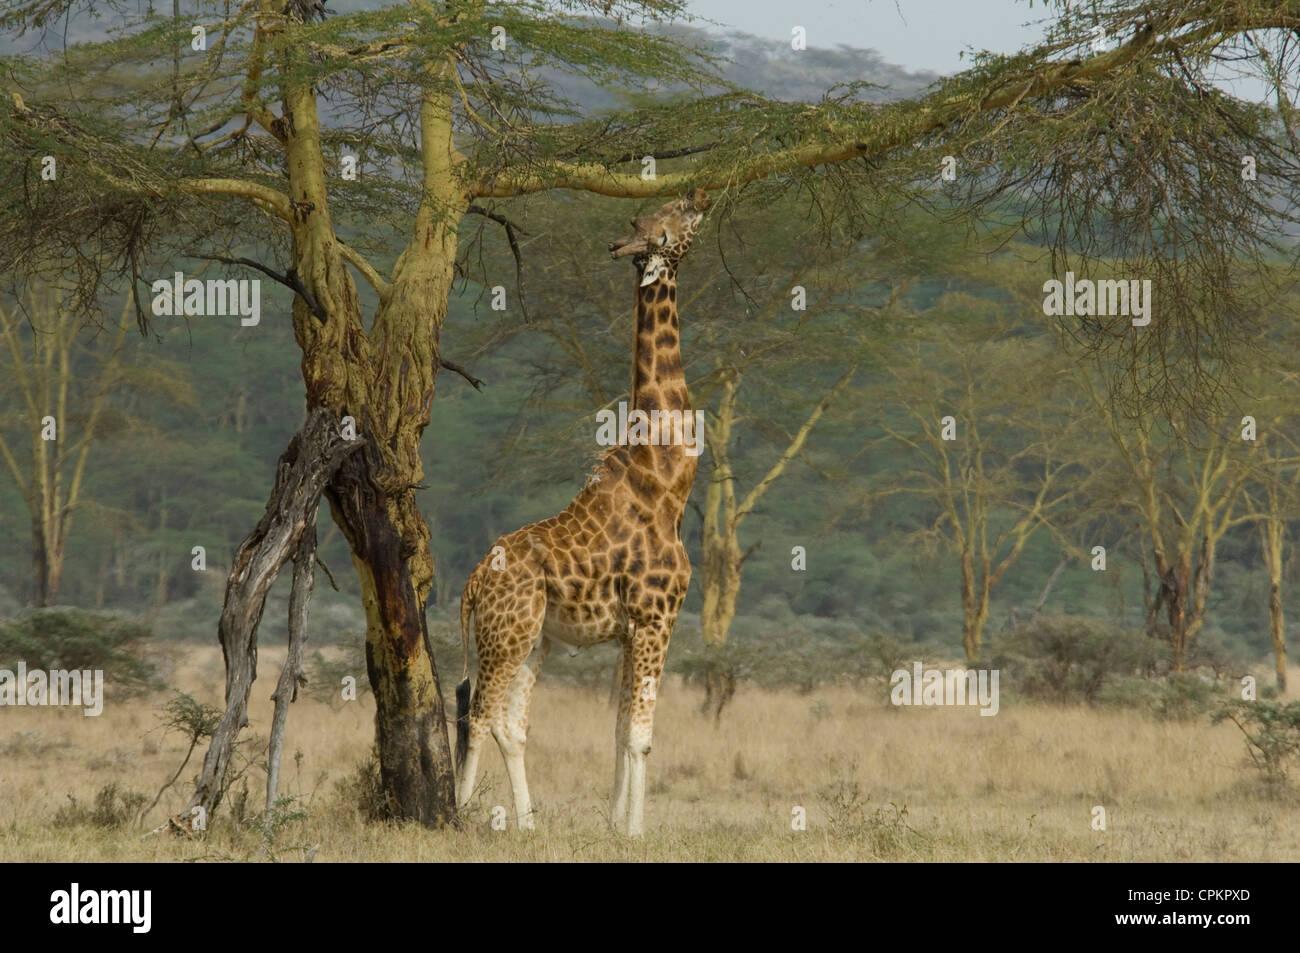 Rothschild's giraffe browsing - Stock Image